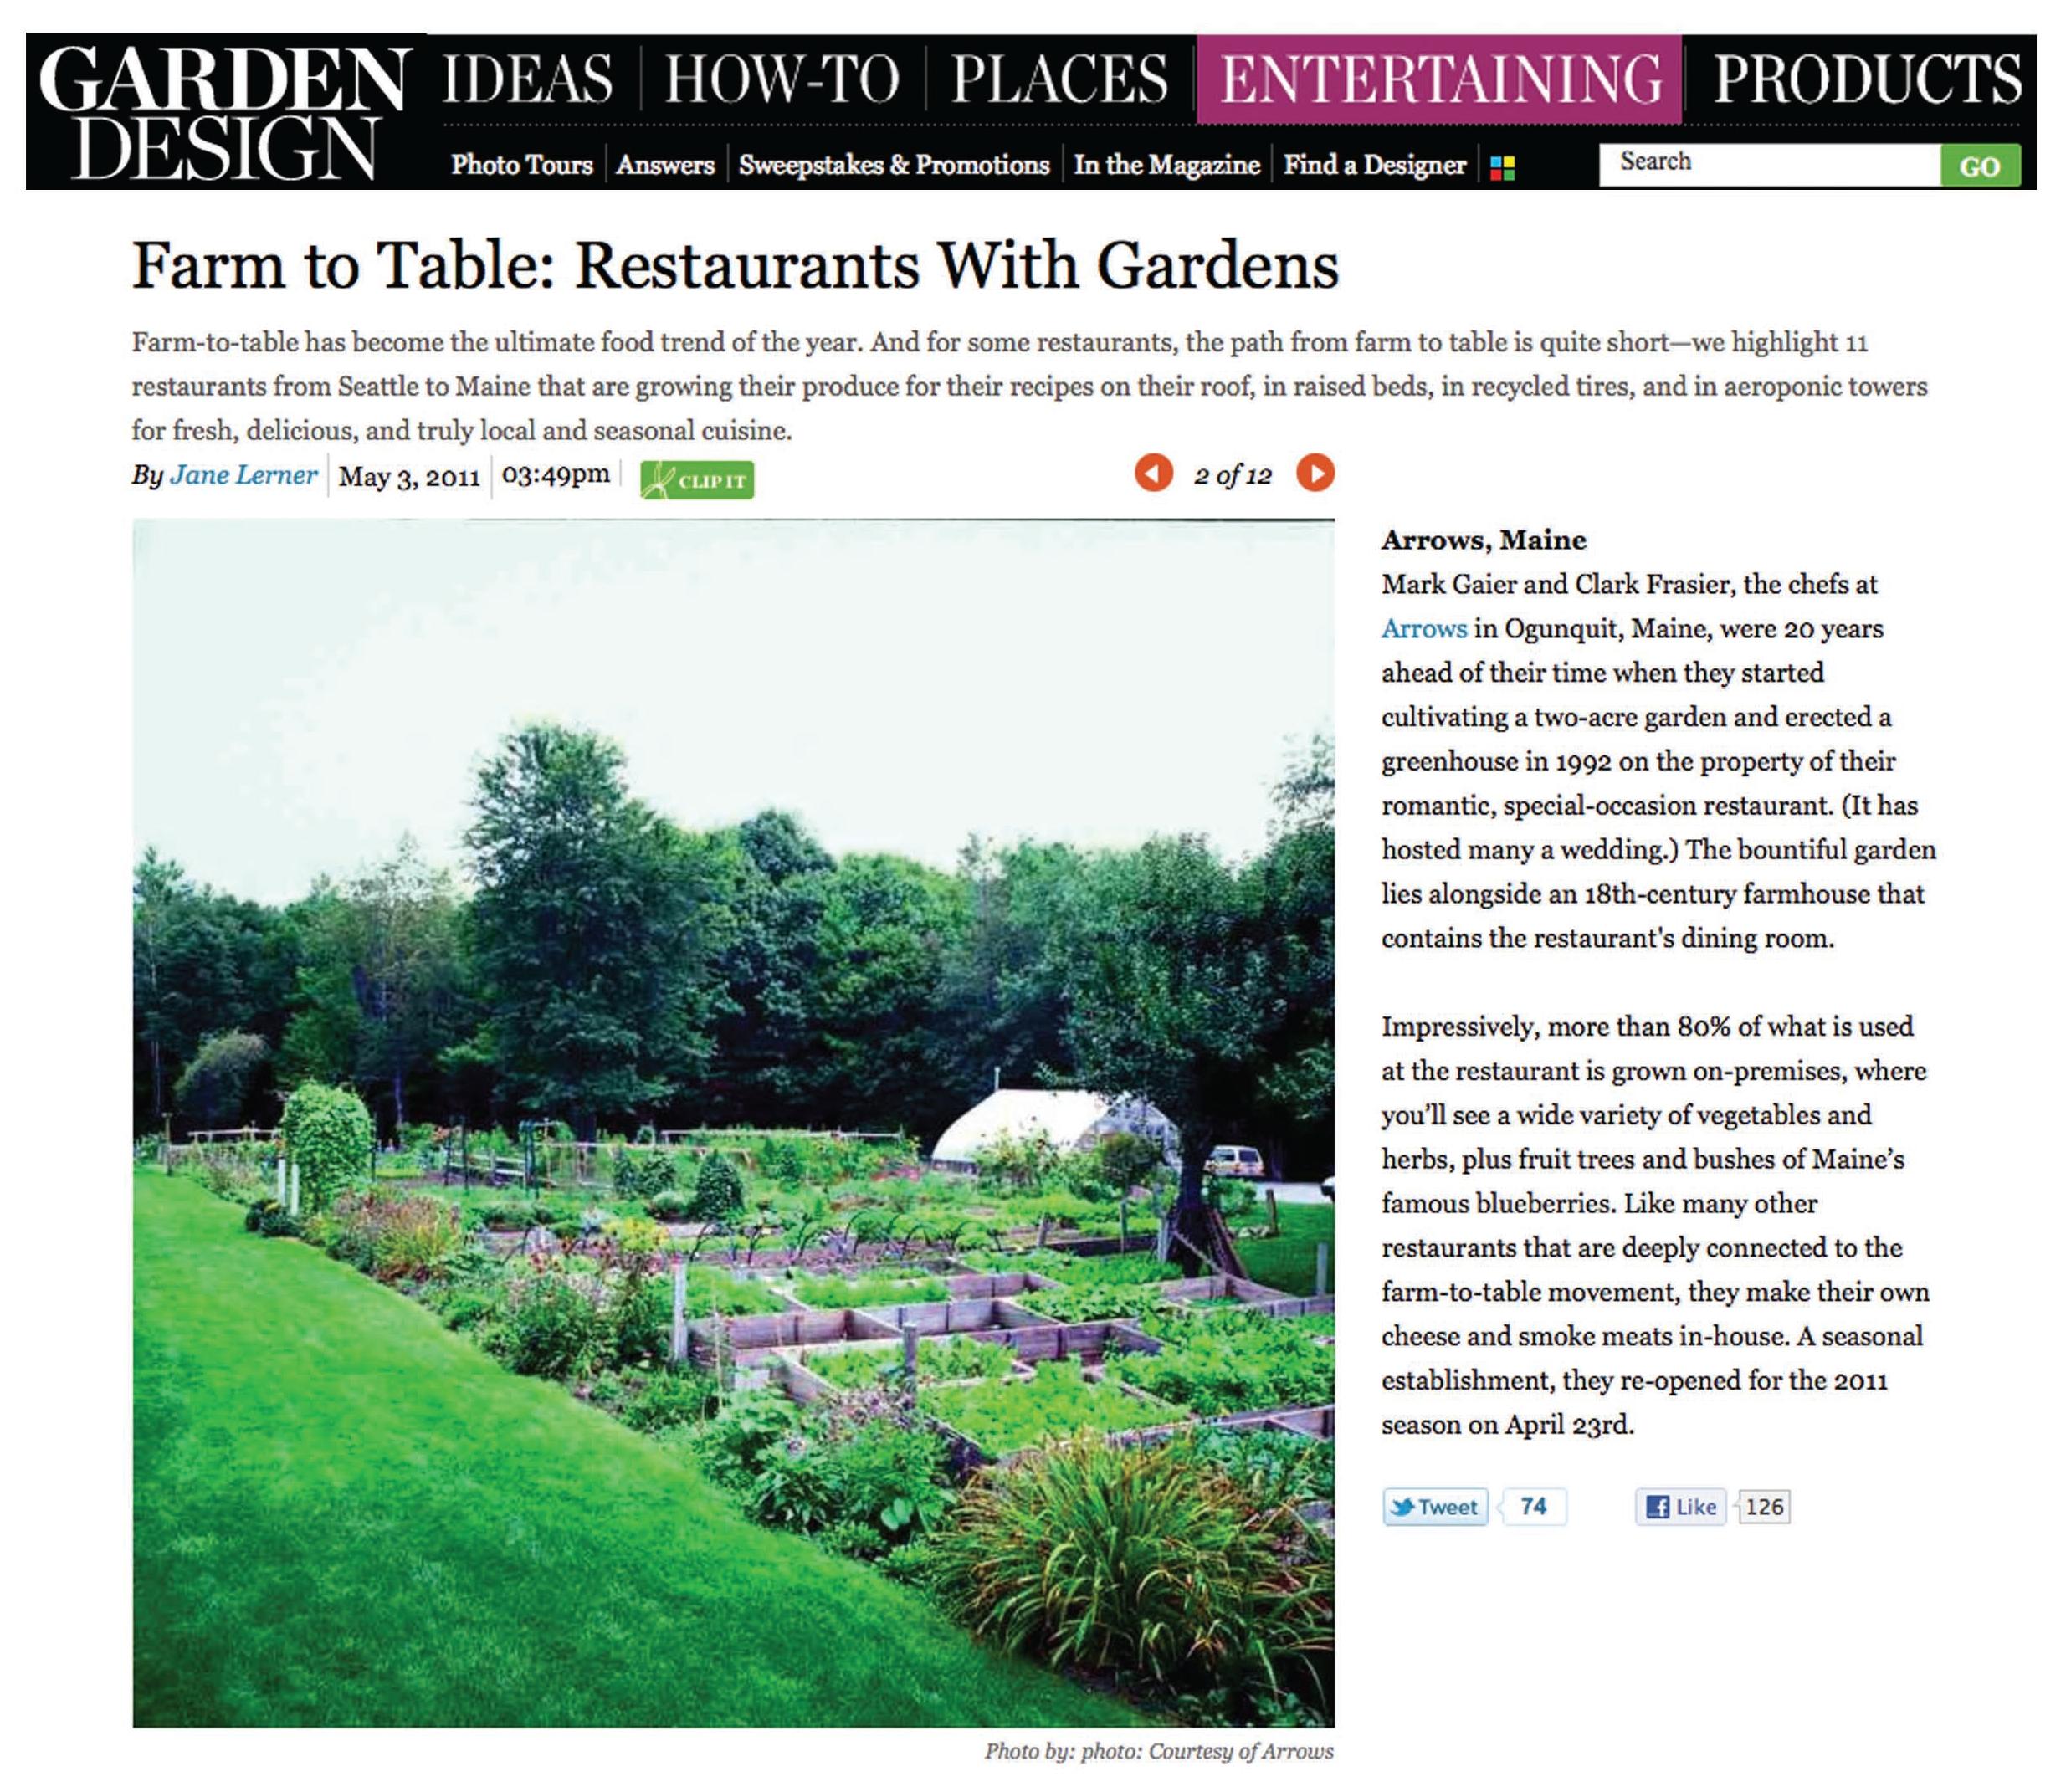 Farm to table, Garden design, Restaurant, Arrows, Maine, Mark Gaier, Clark Frasier, Ogunquit Maine, 18th Century Farmhouse, bueberries